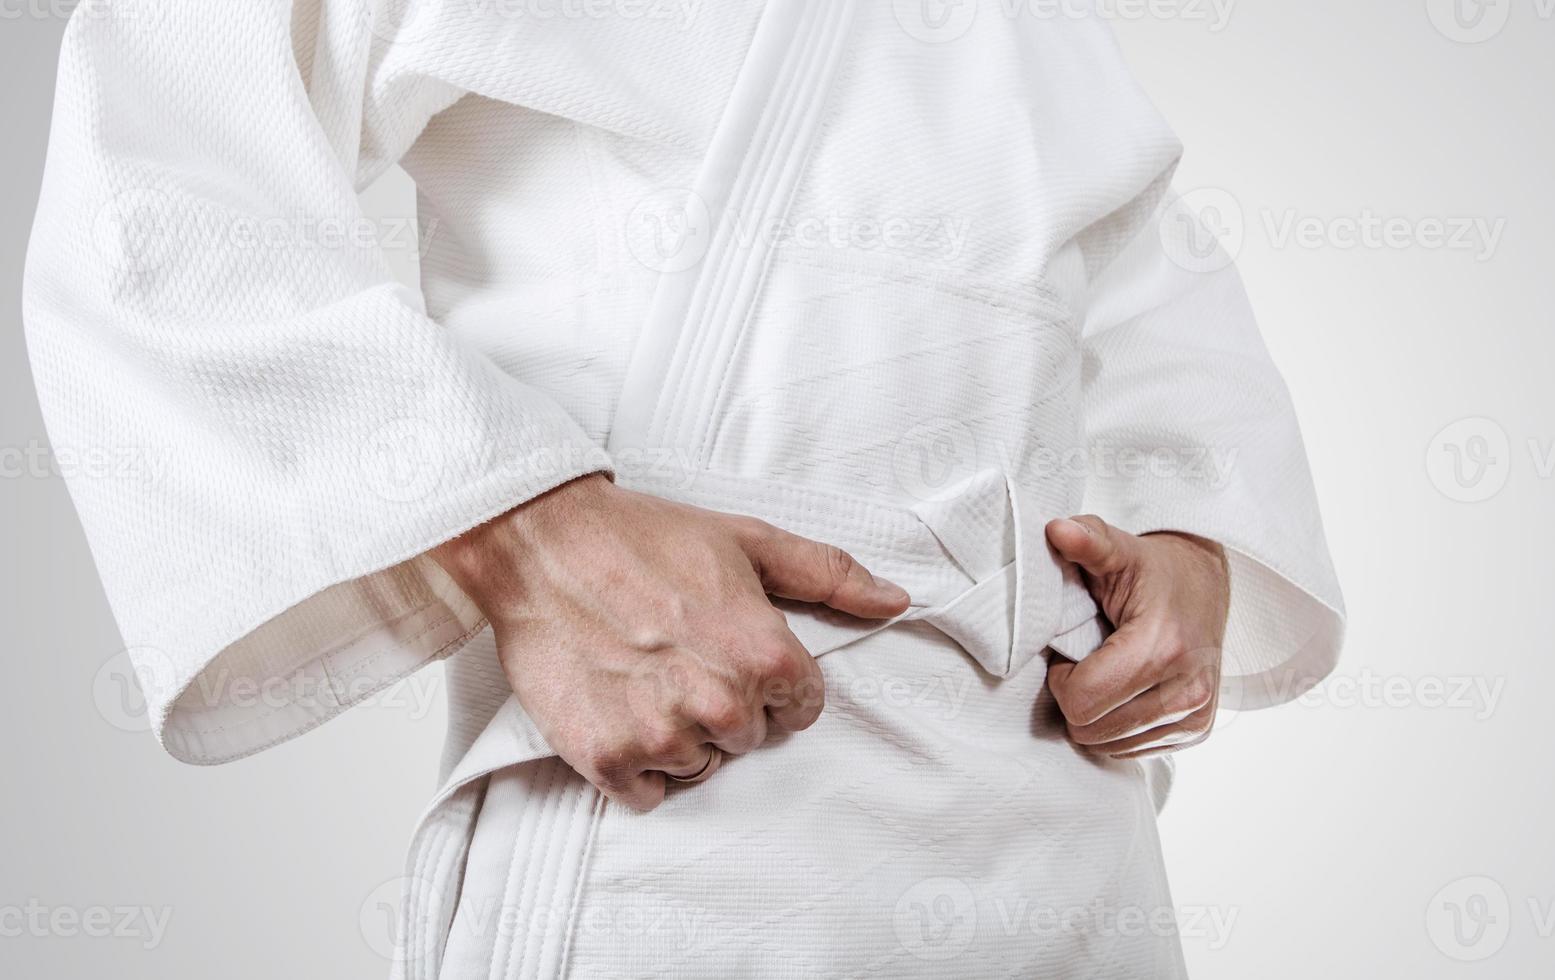 attacher la ceinture kimono close up image photo